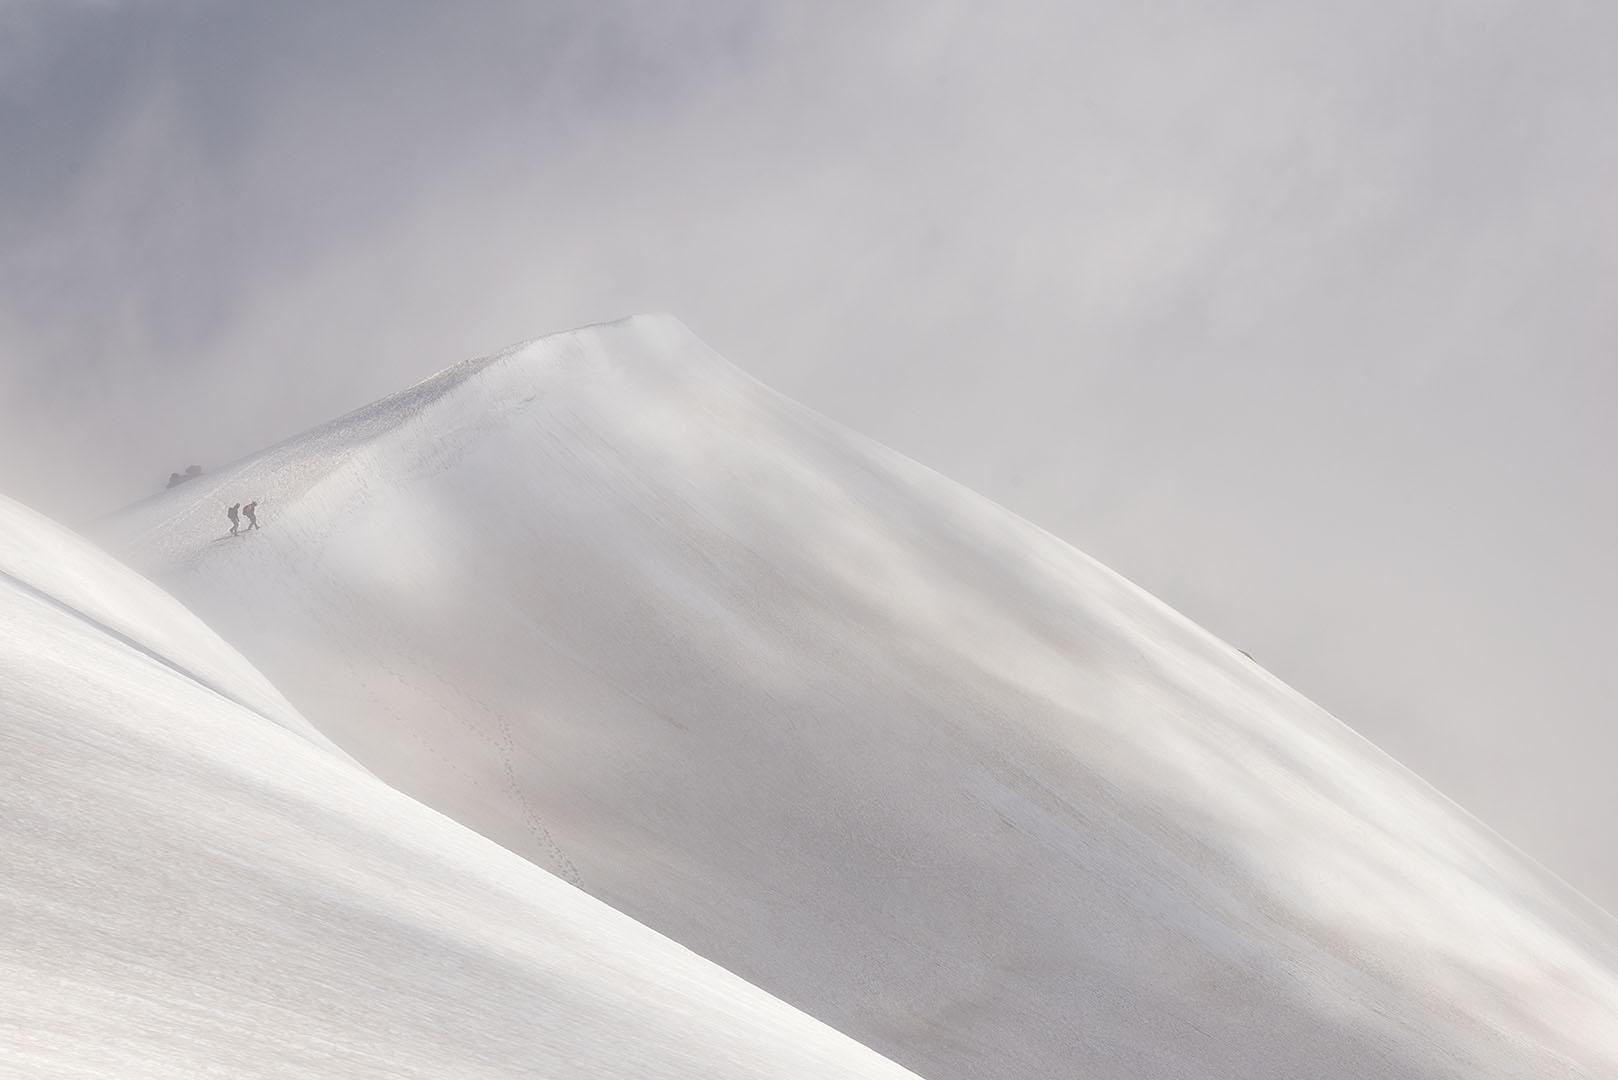 Mundos de papel - Deportes y aventuras - Iñaki Larrea, Fotografía de naturaleza y montaña